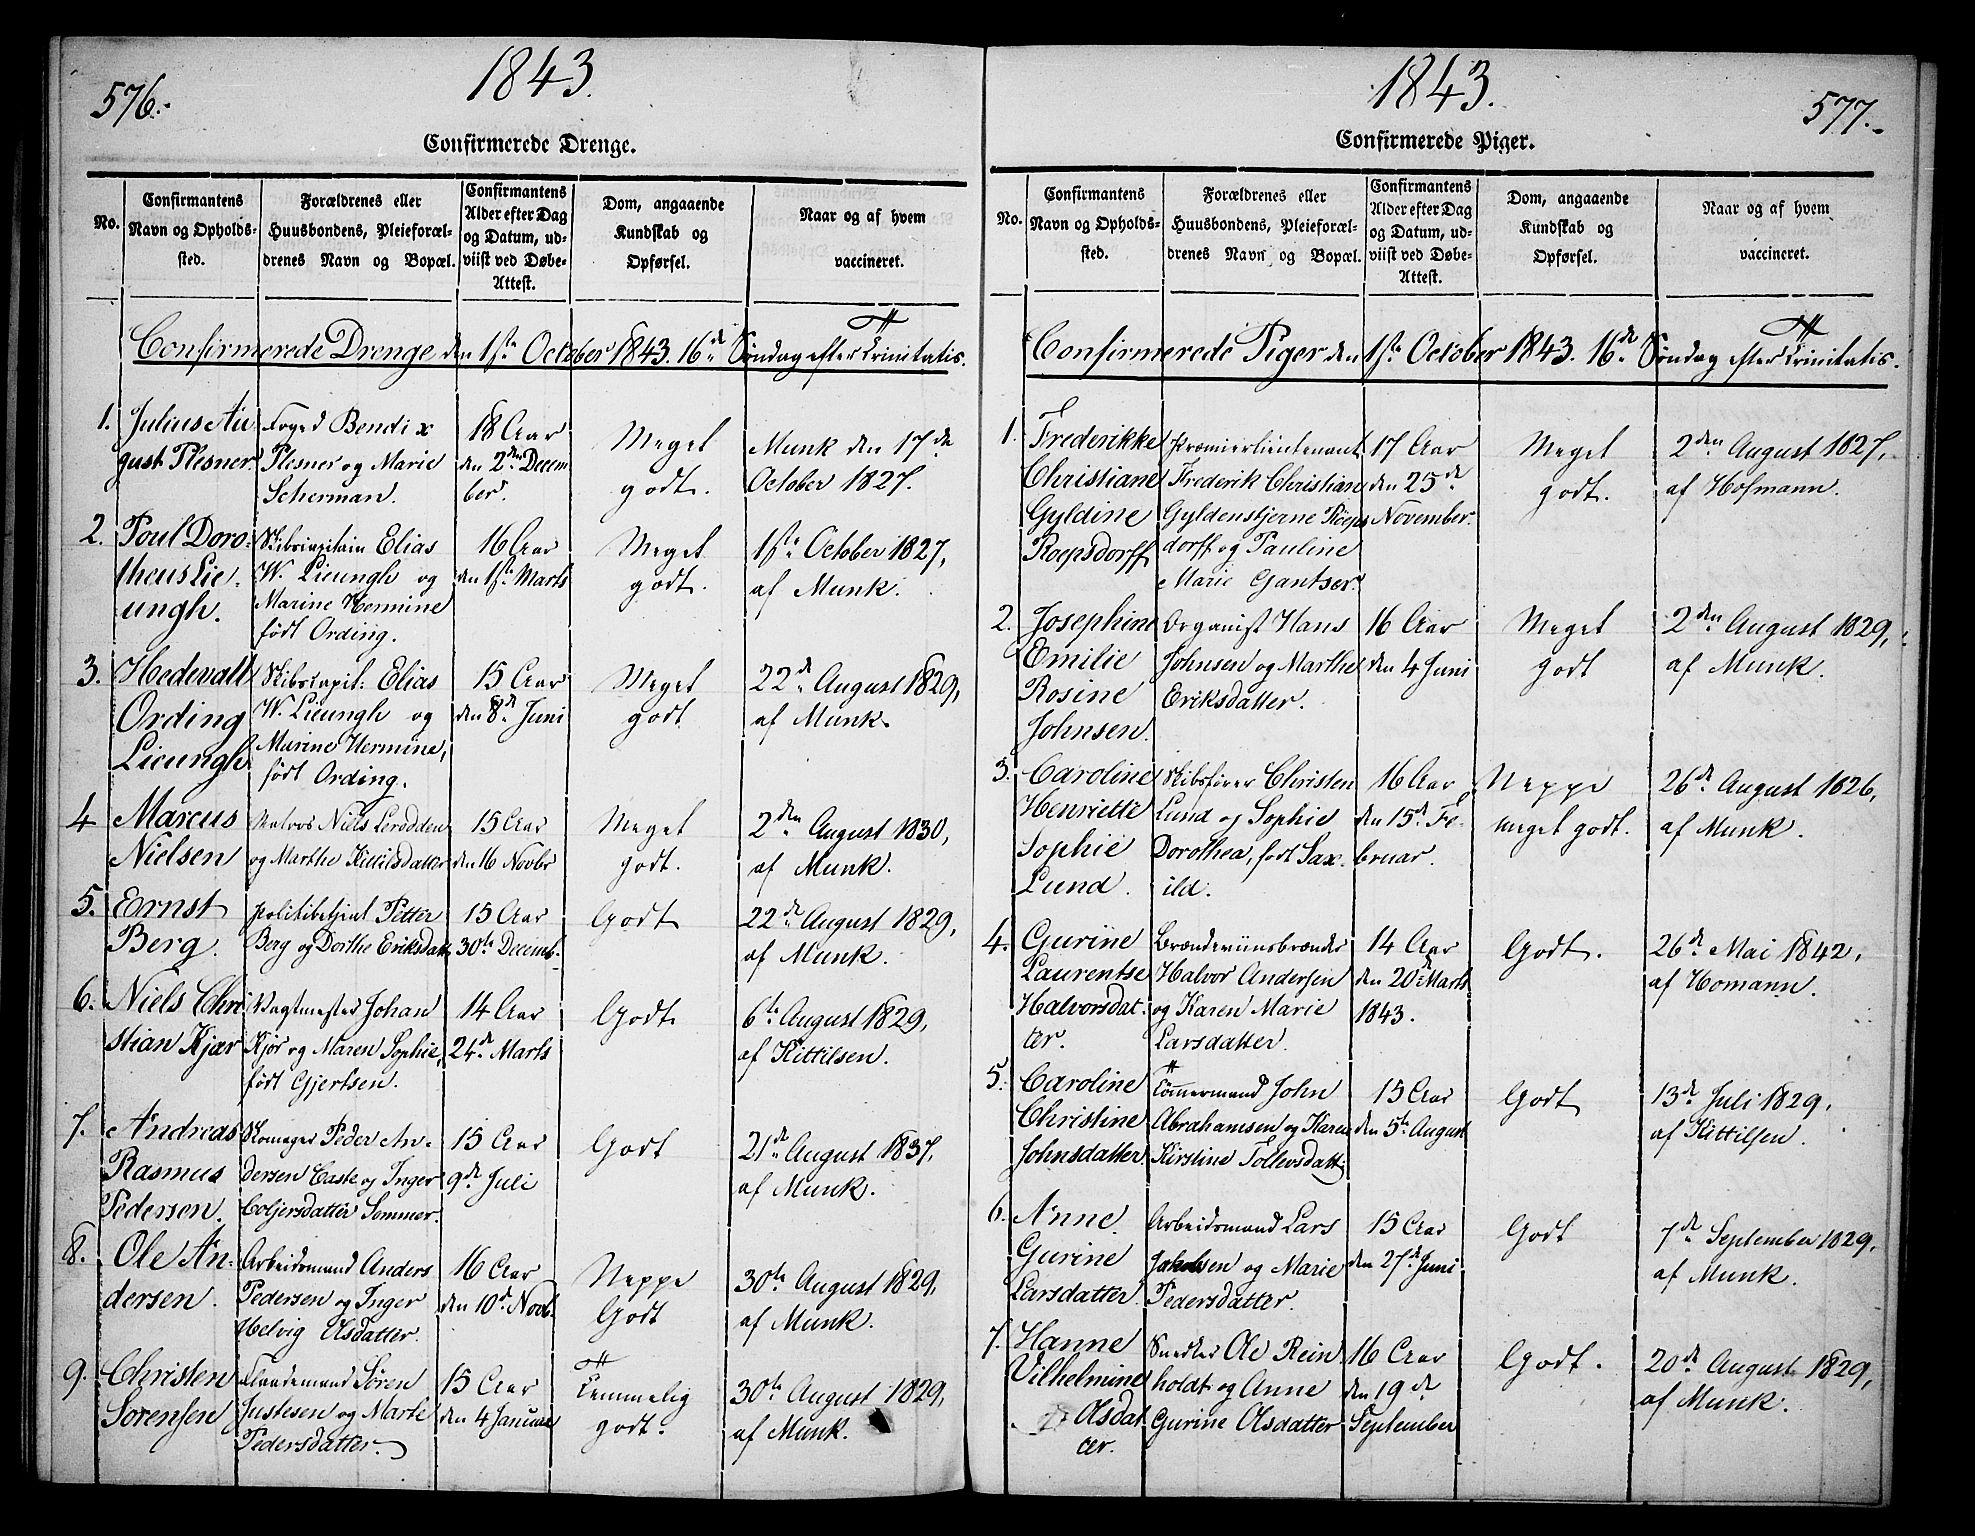 SAKO, Skien kirkebøker, G/Ga/L0003: Klokkerbok nr. 3, 1843-1847, s. 576-577